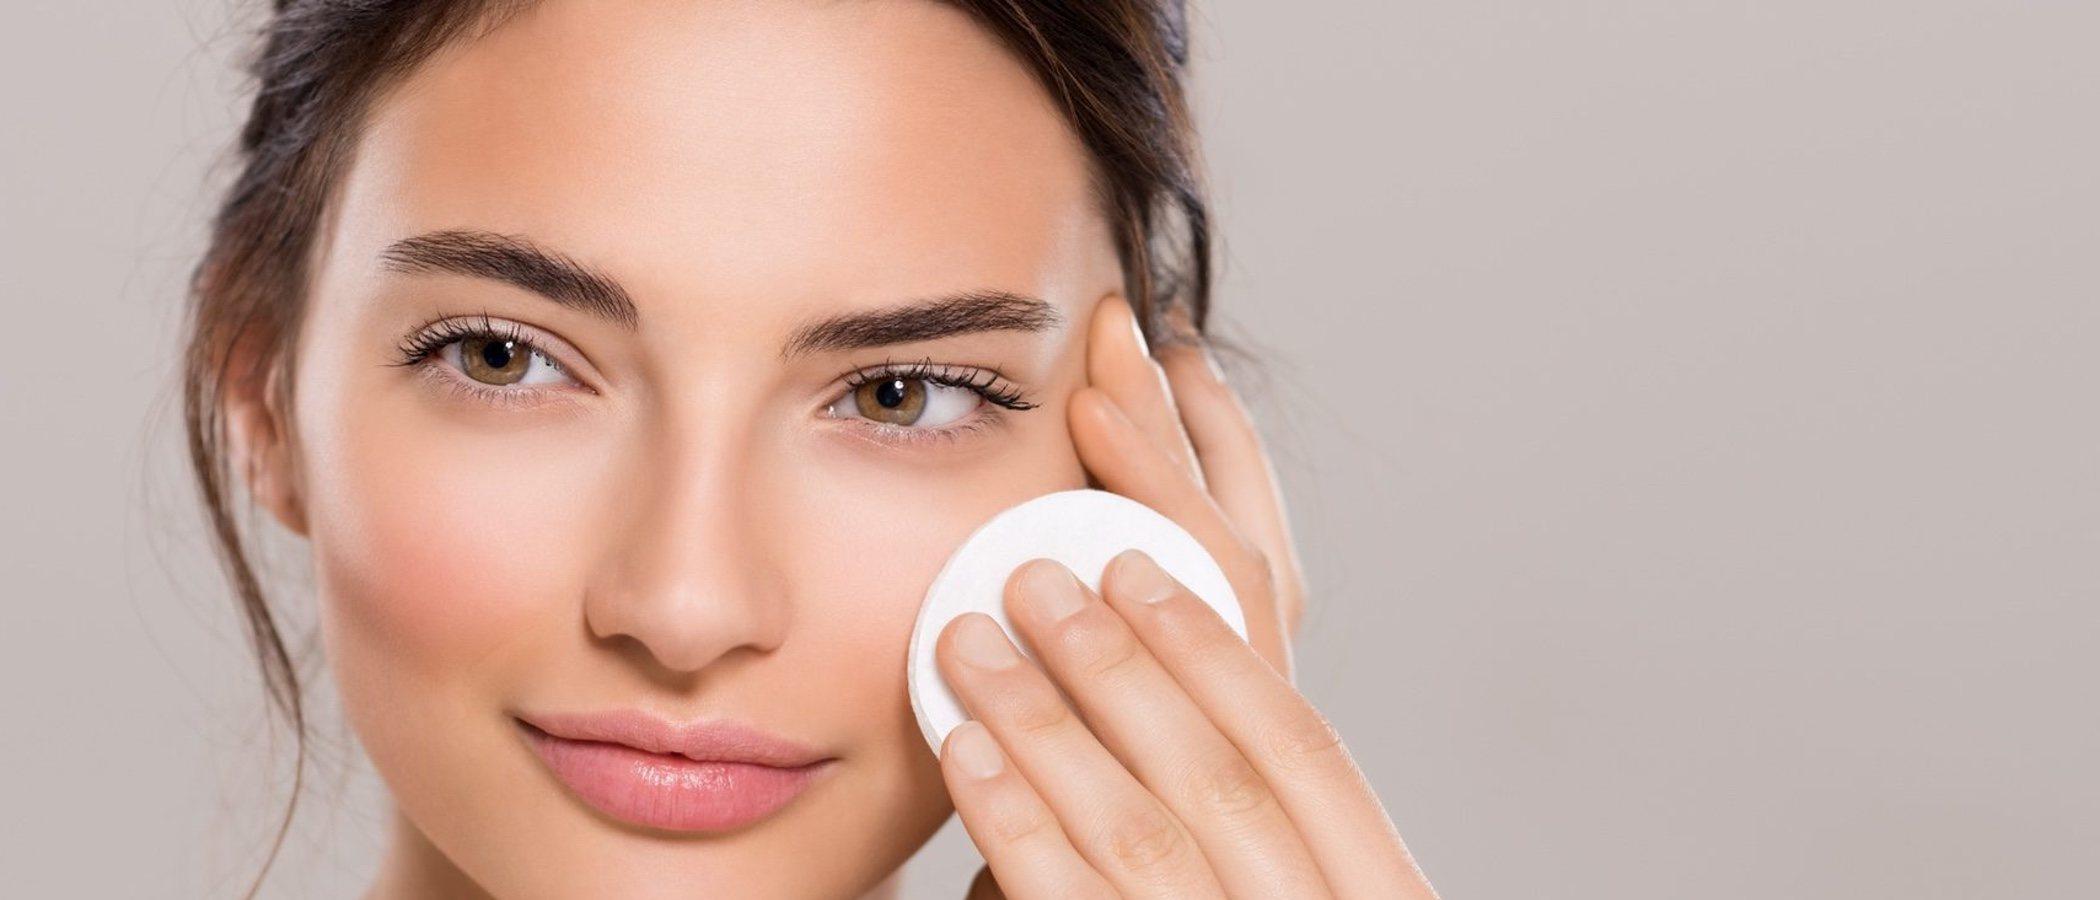 Cómo maquillarse para ocultar las ojeras